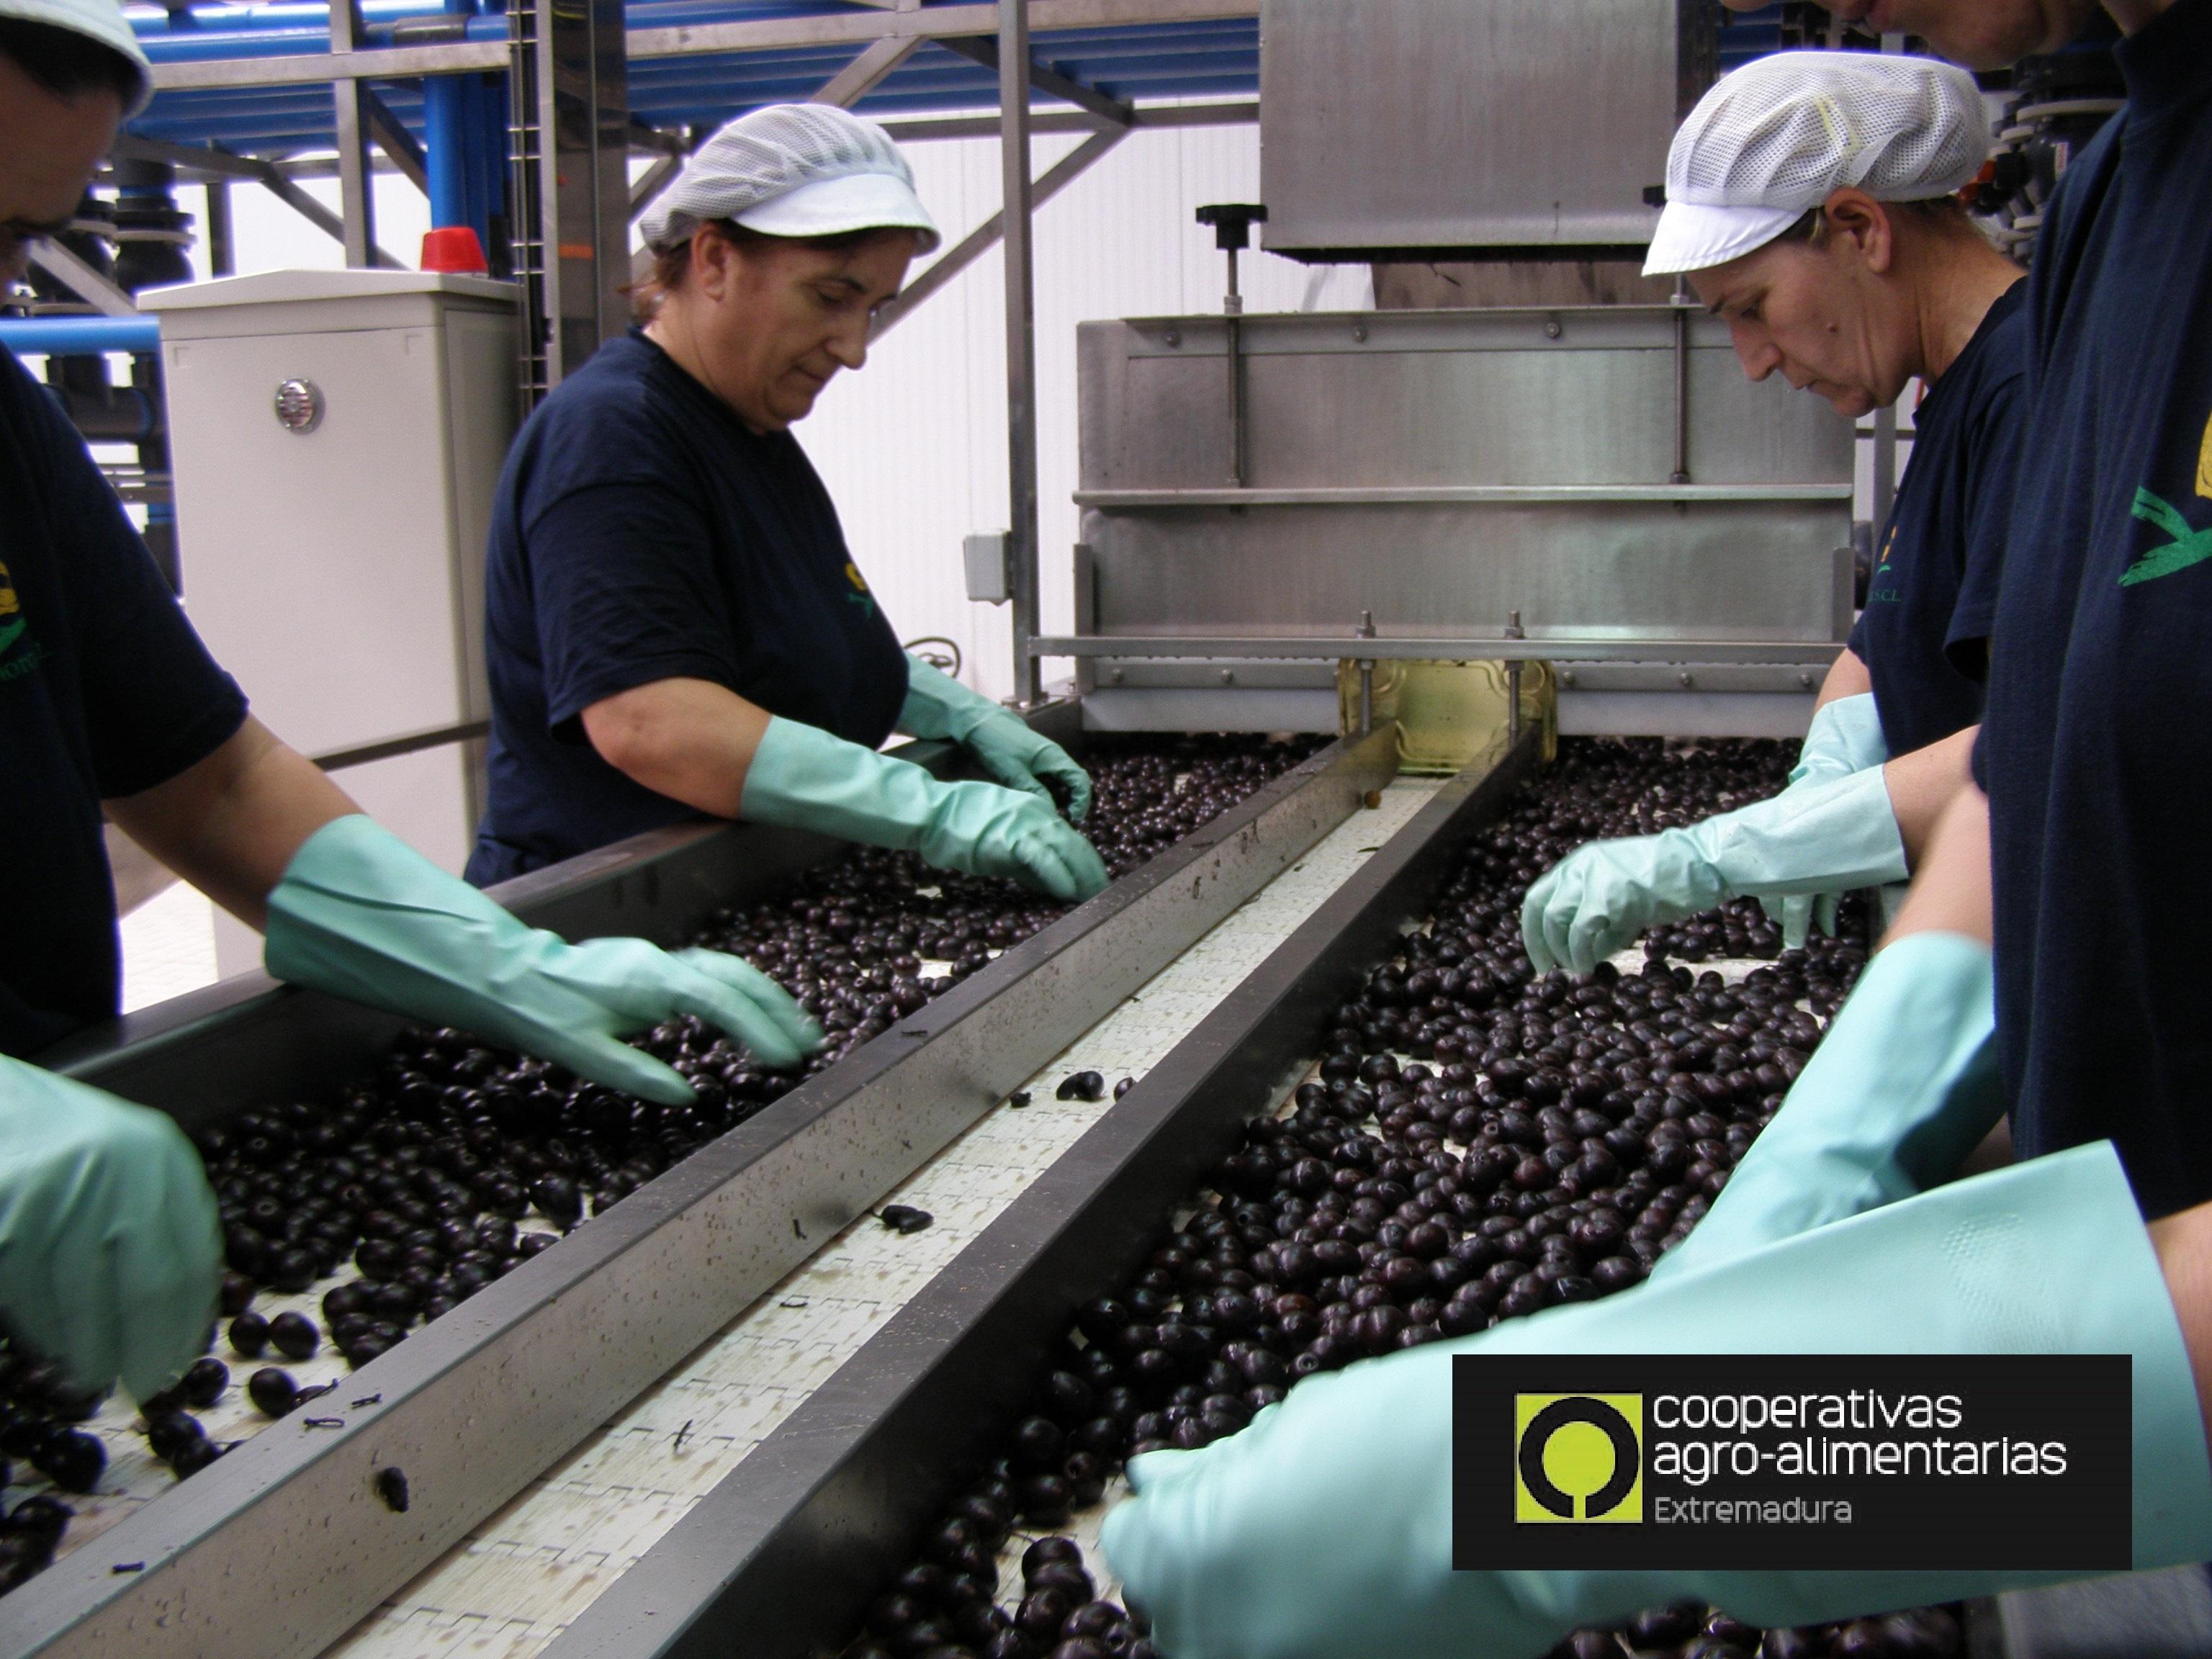 Cooperativas Agroalimentarias Economía Social